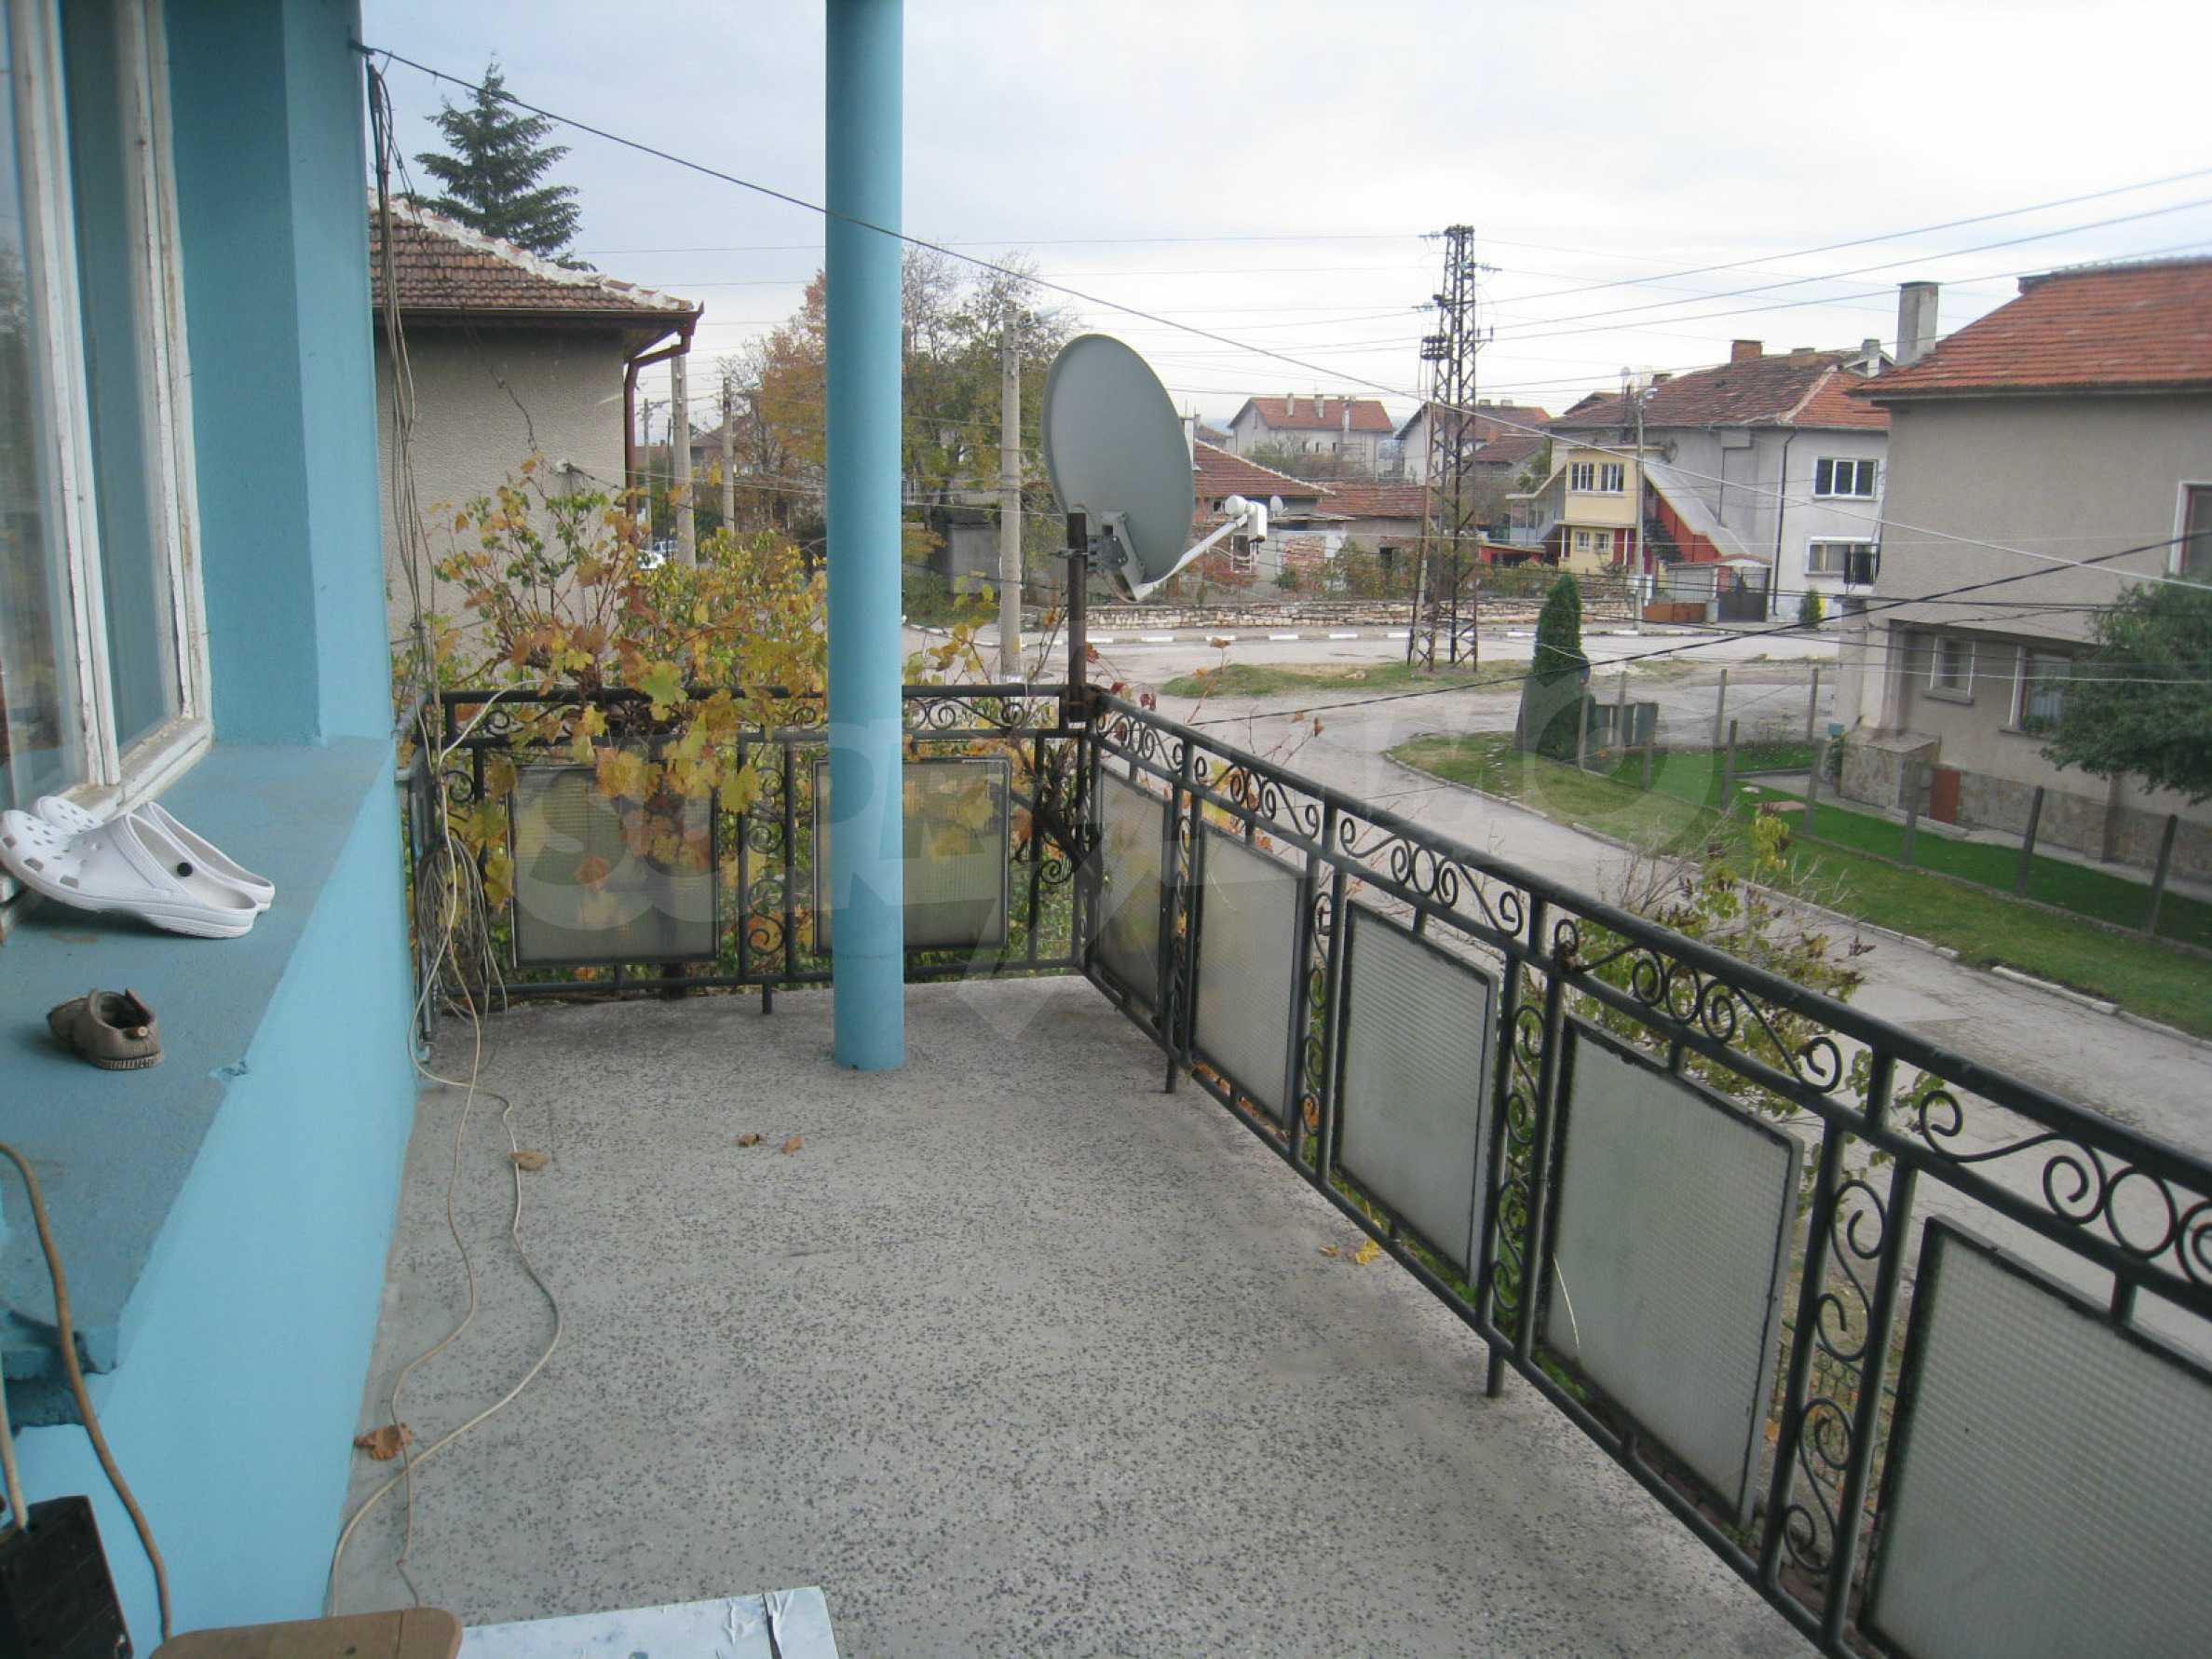 Großes zweistöckiges Haus mit Hof in einem Dorf in der Nähe von Sofia 40